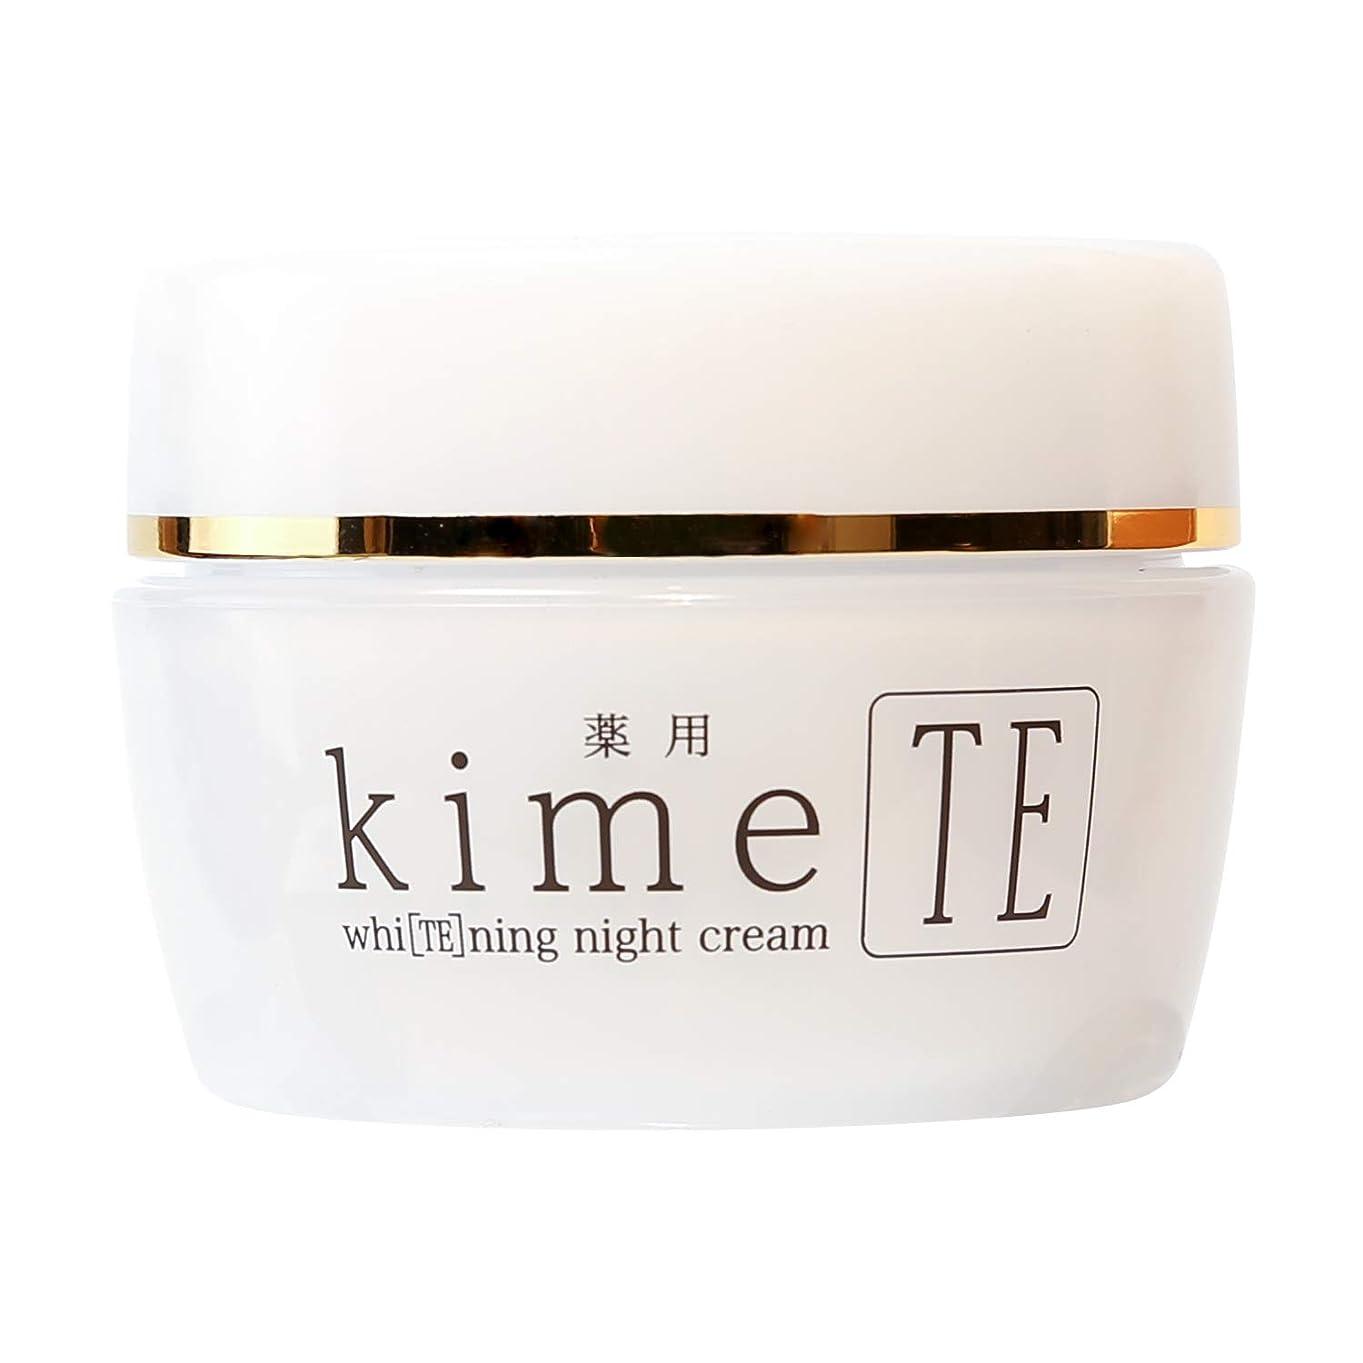 規則性顎嘆願【スペシャルアプローチ】kimeTE(キメテ)美白 保湿 無添加 ハンドケア 薬用ホワイトニングクリーム